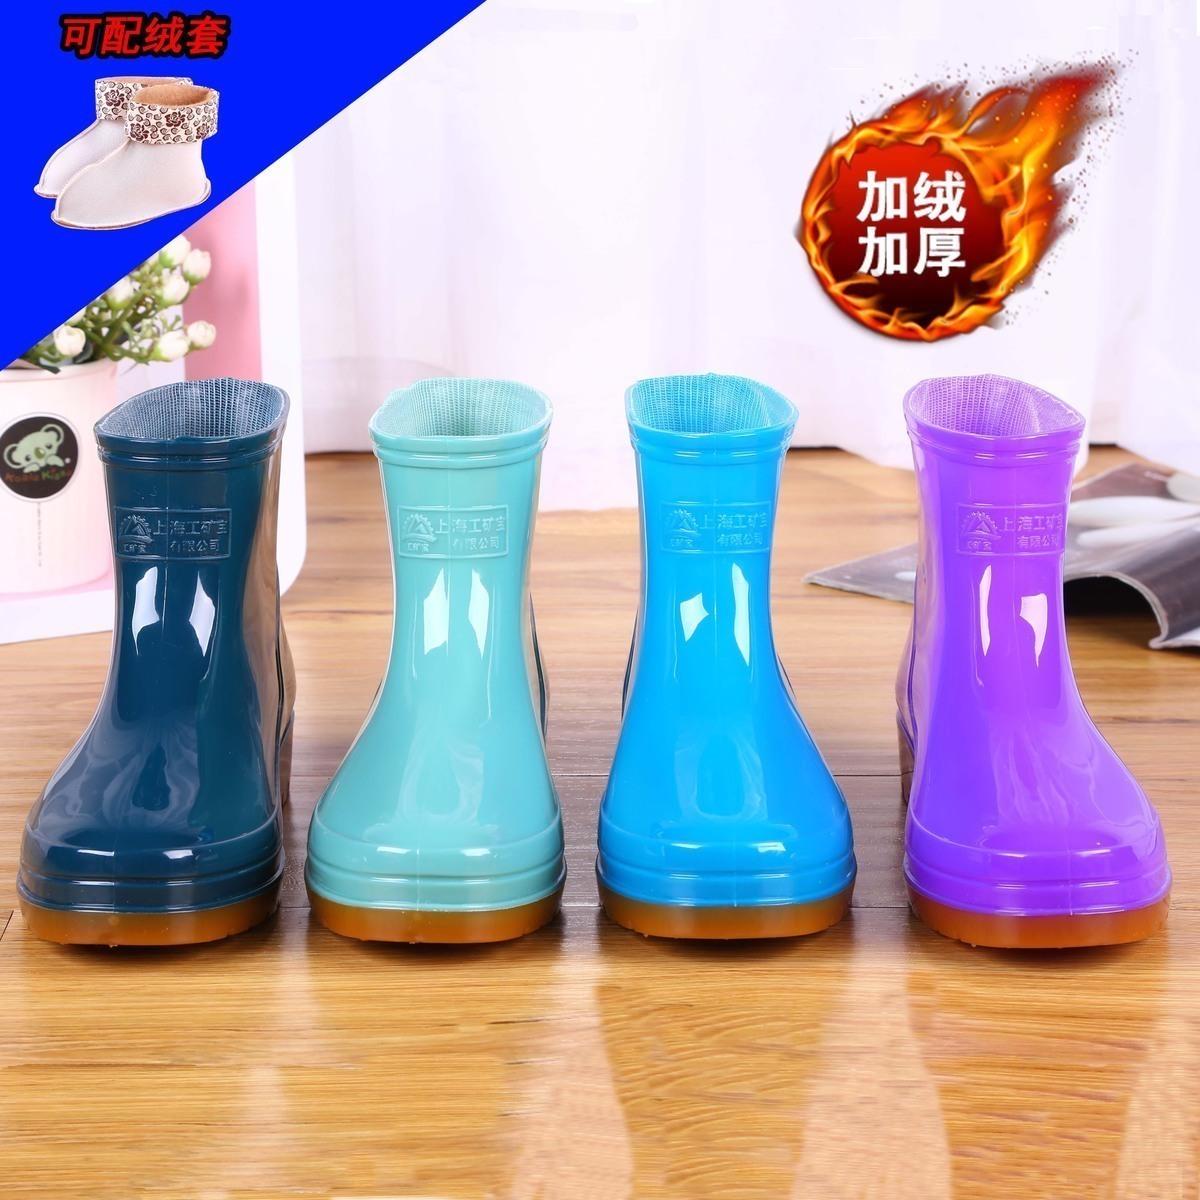 加棉雨鞋雨靴膠靴防水鞋女廚房保暖短筒膠鞋套鞋成人韓國防滑鼕季